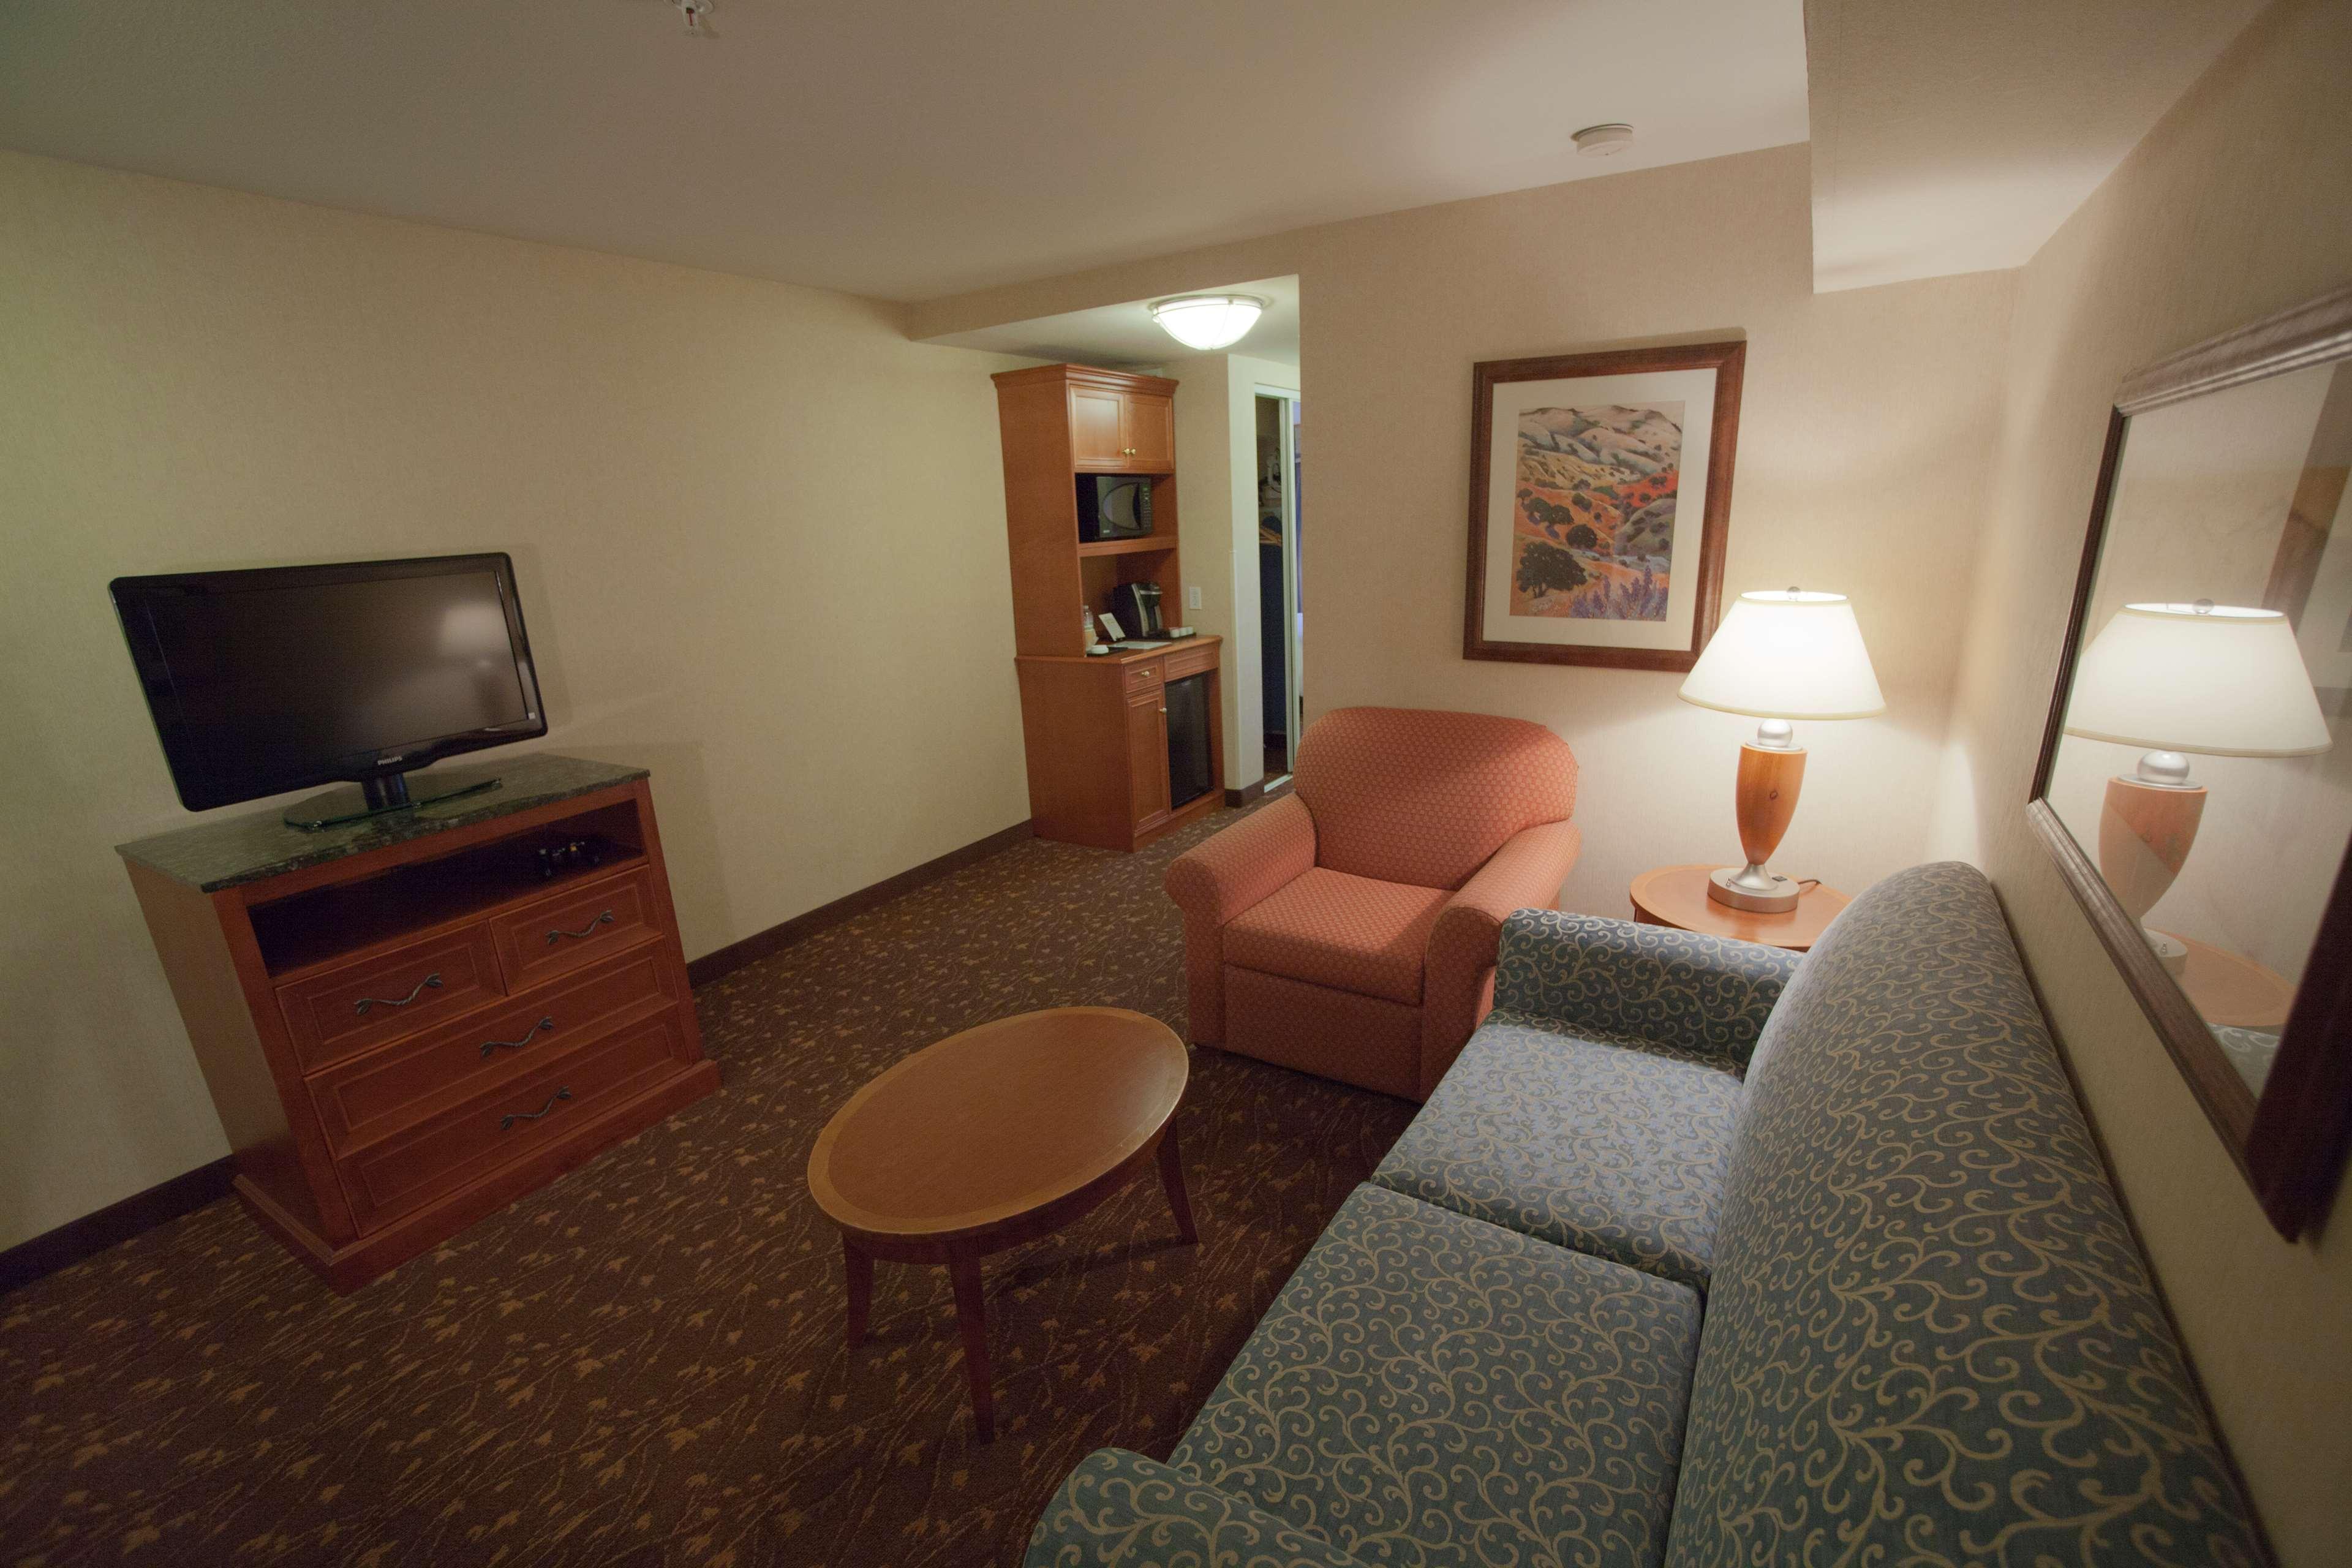 Hilton Garden Inn Albuquerque/Journal Center image 24